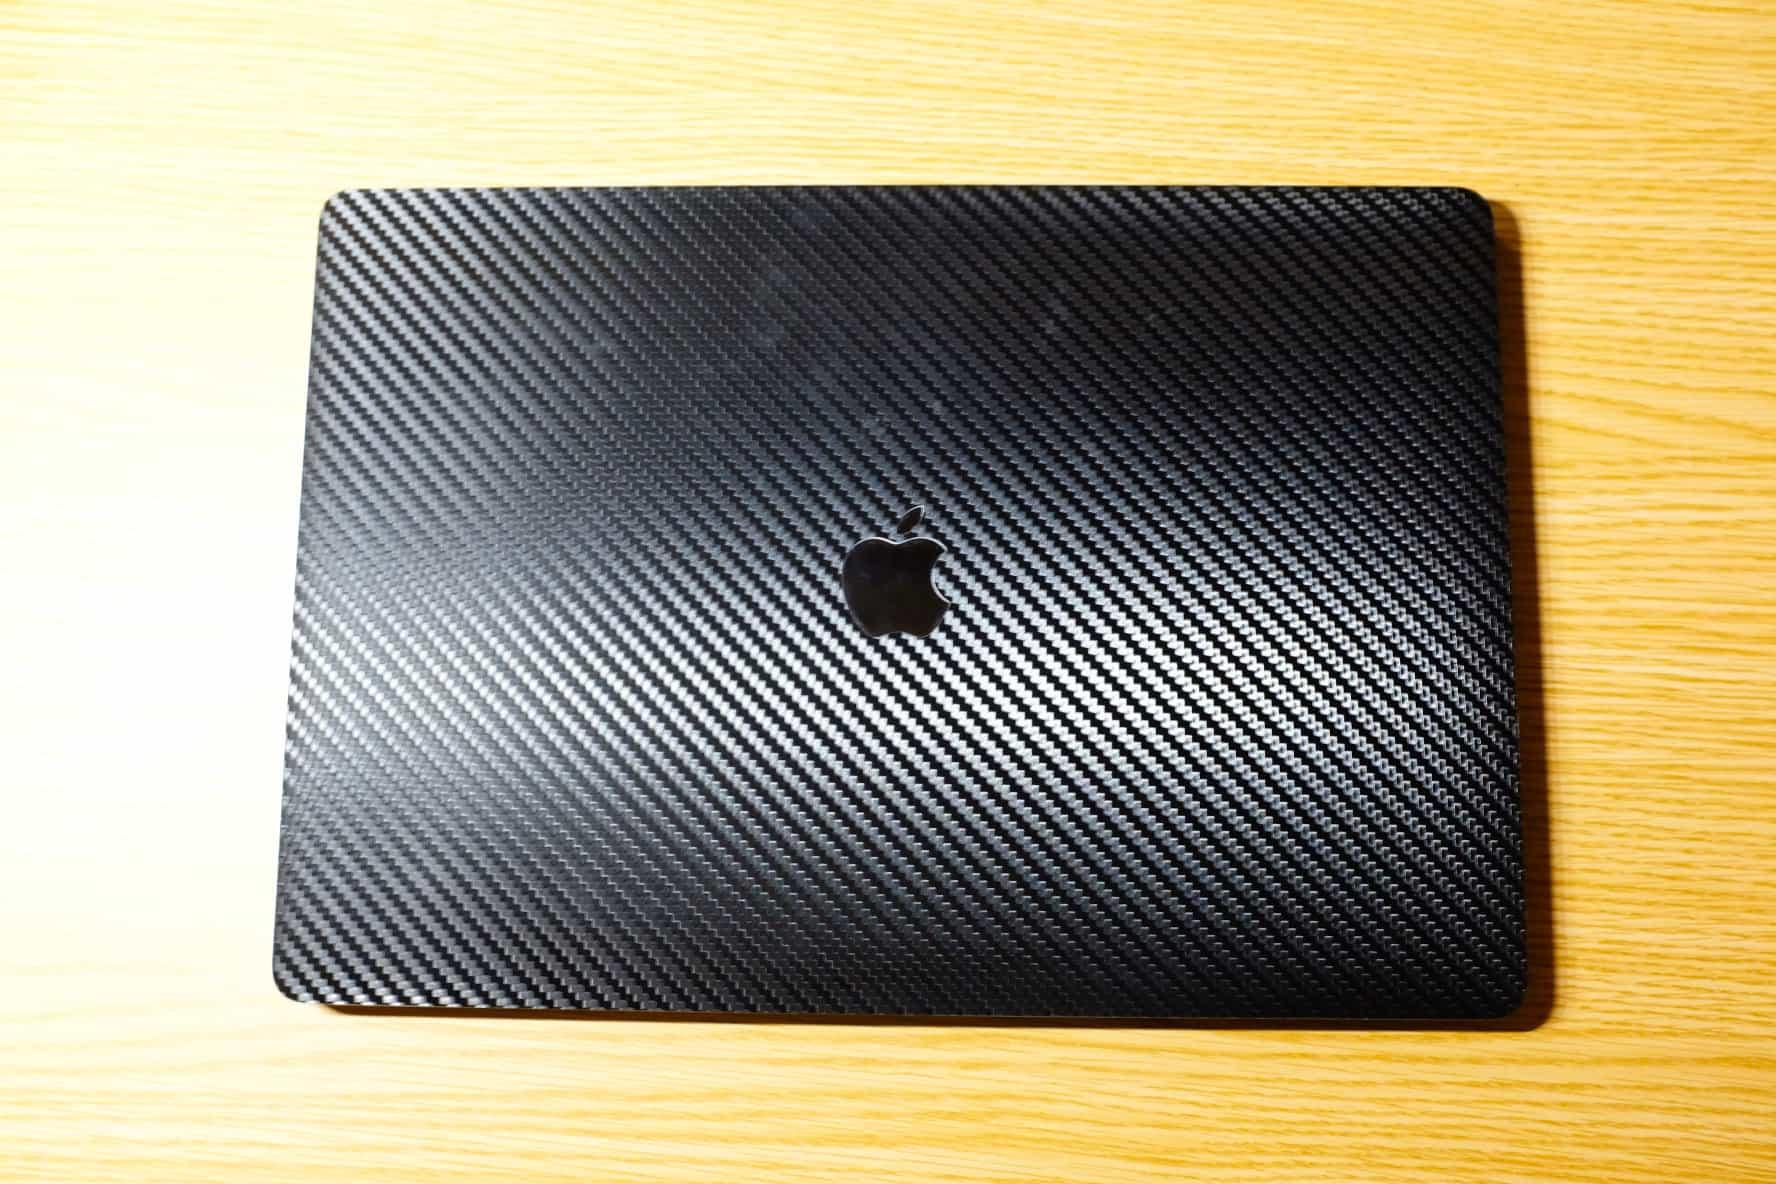 自分にとって最高のMacBookの選び方とは